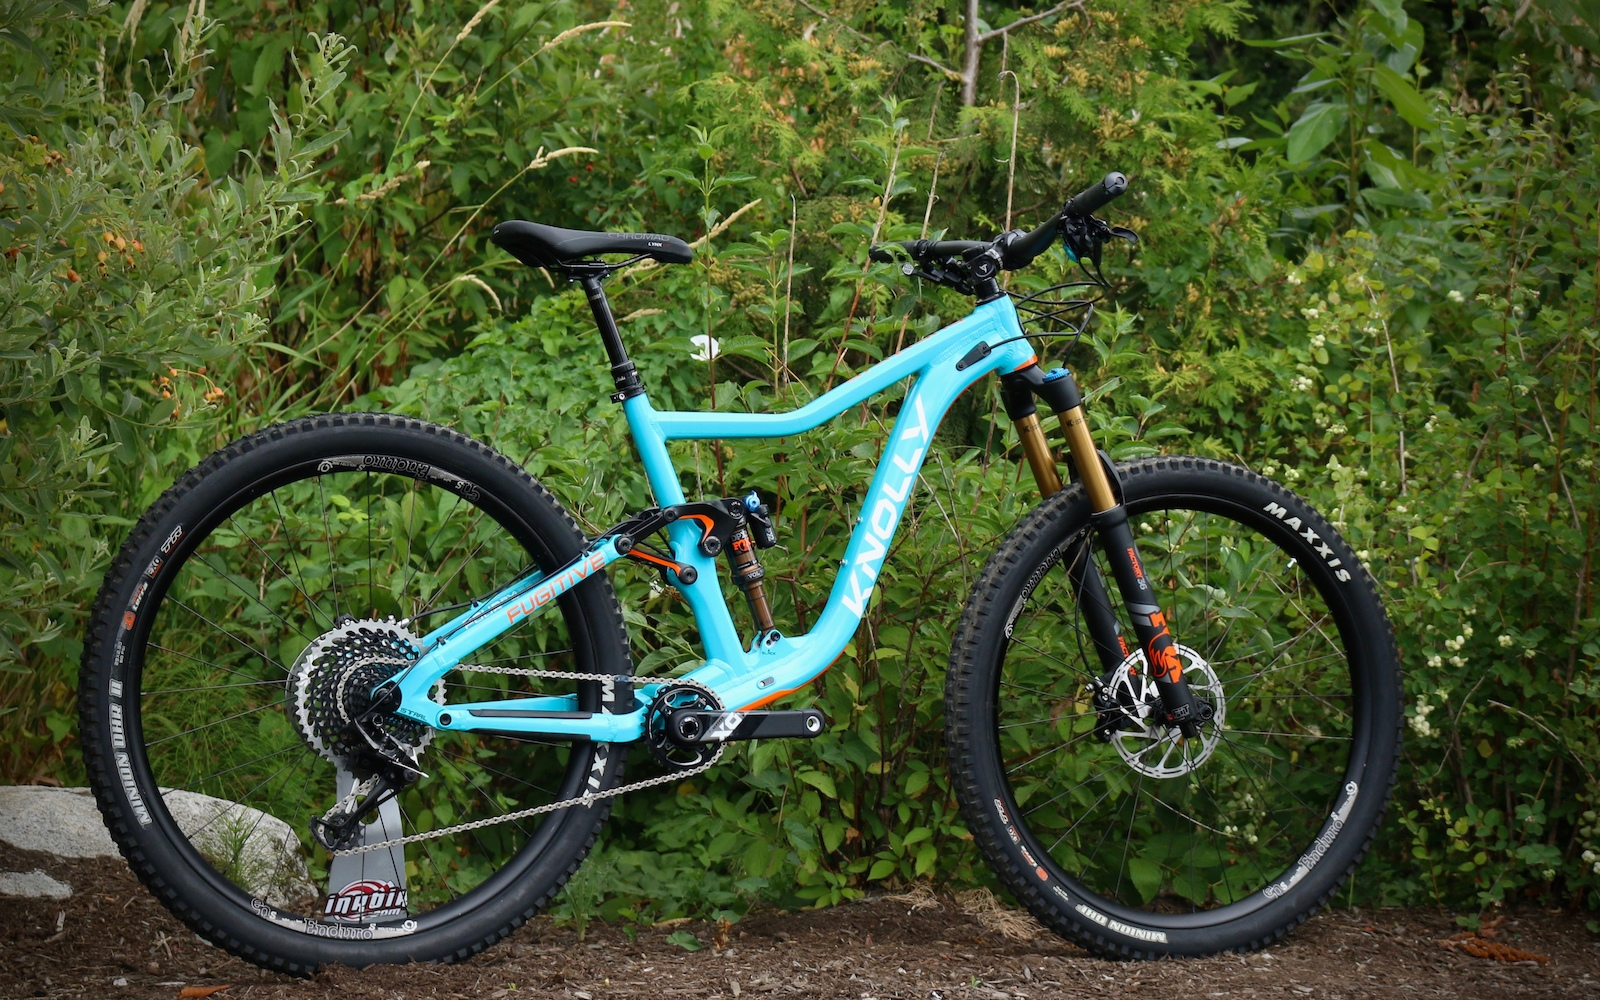 e8054b5100bc Behind the Bike - Knolly s New Fugitive - Pinkbike